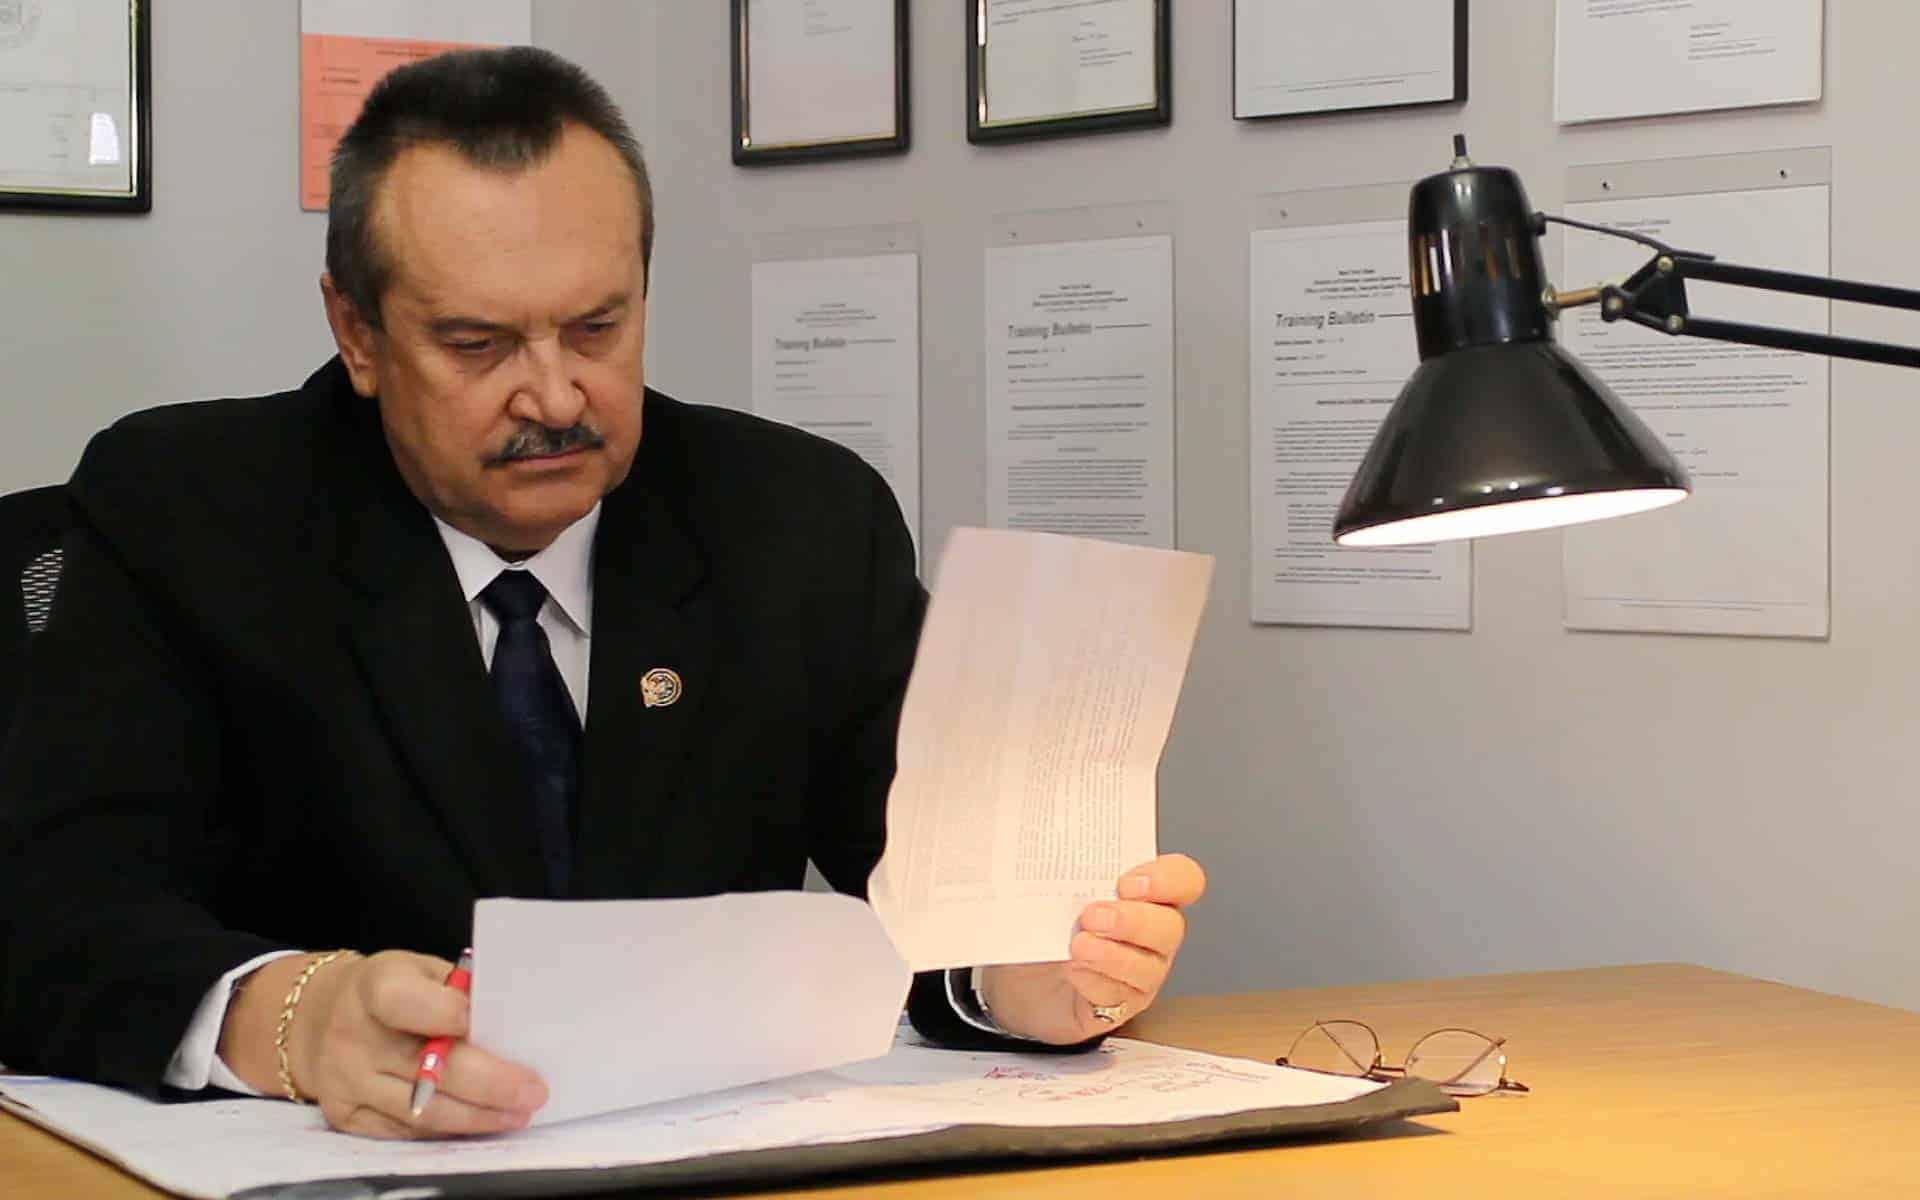 George Kozhar Private Investigator NYC